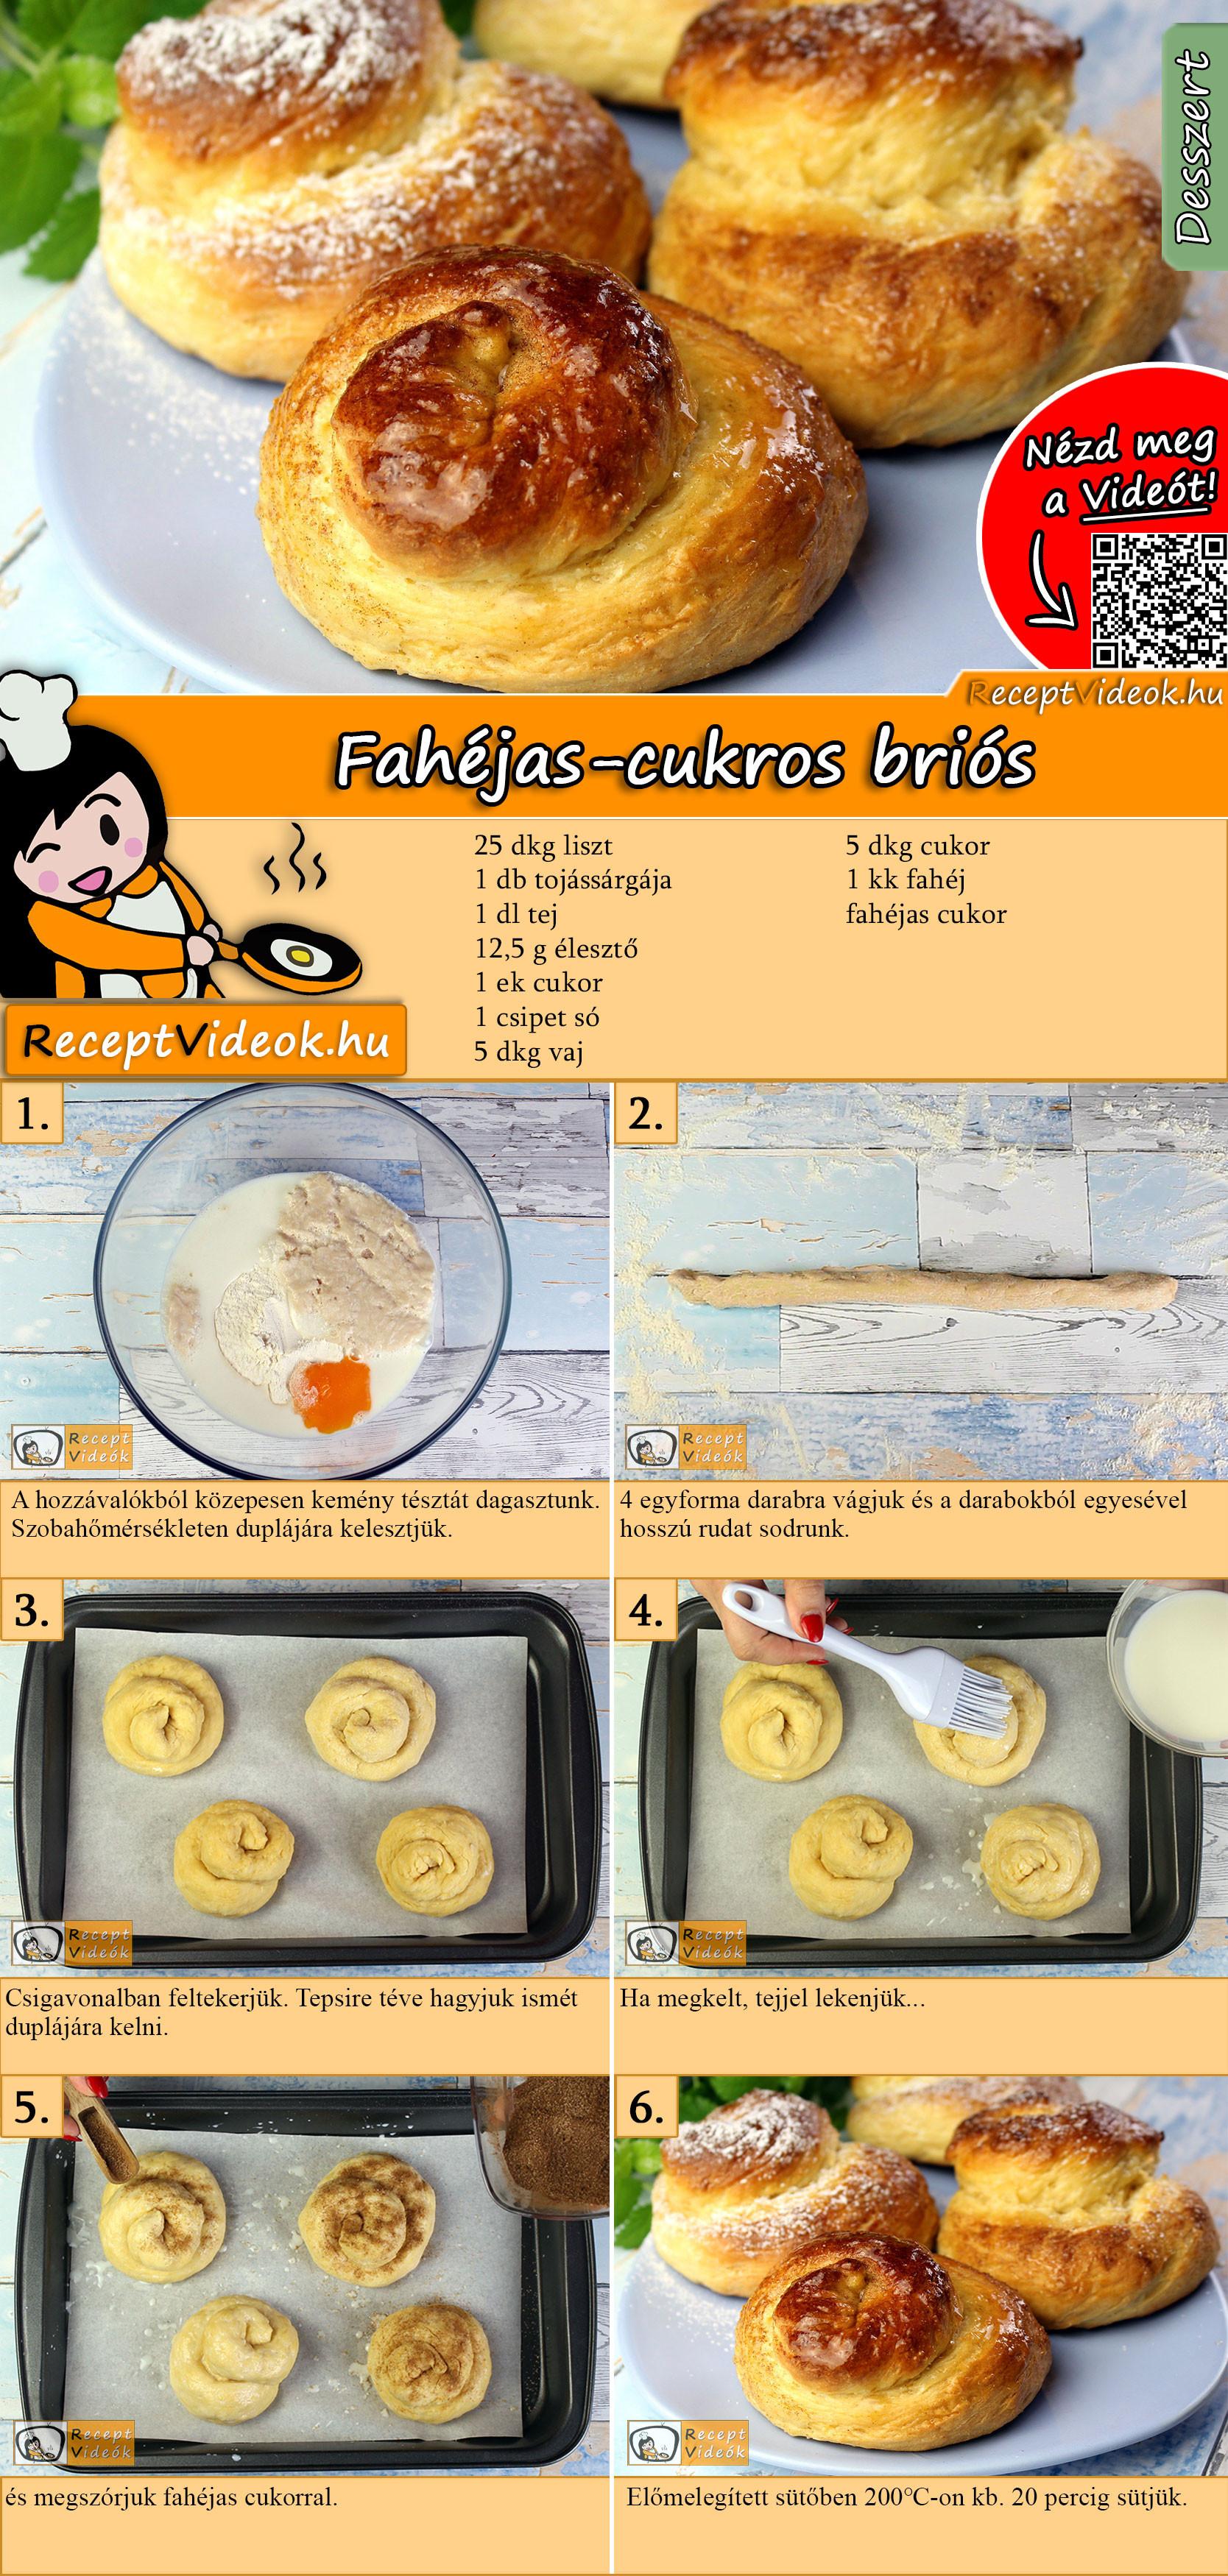 Fahéjas-cukros briós recept elkészítése videóval